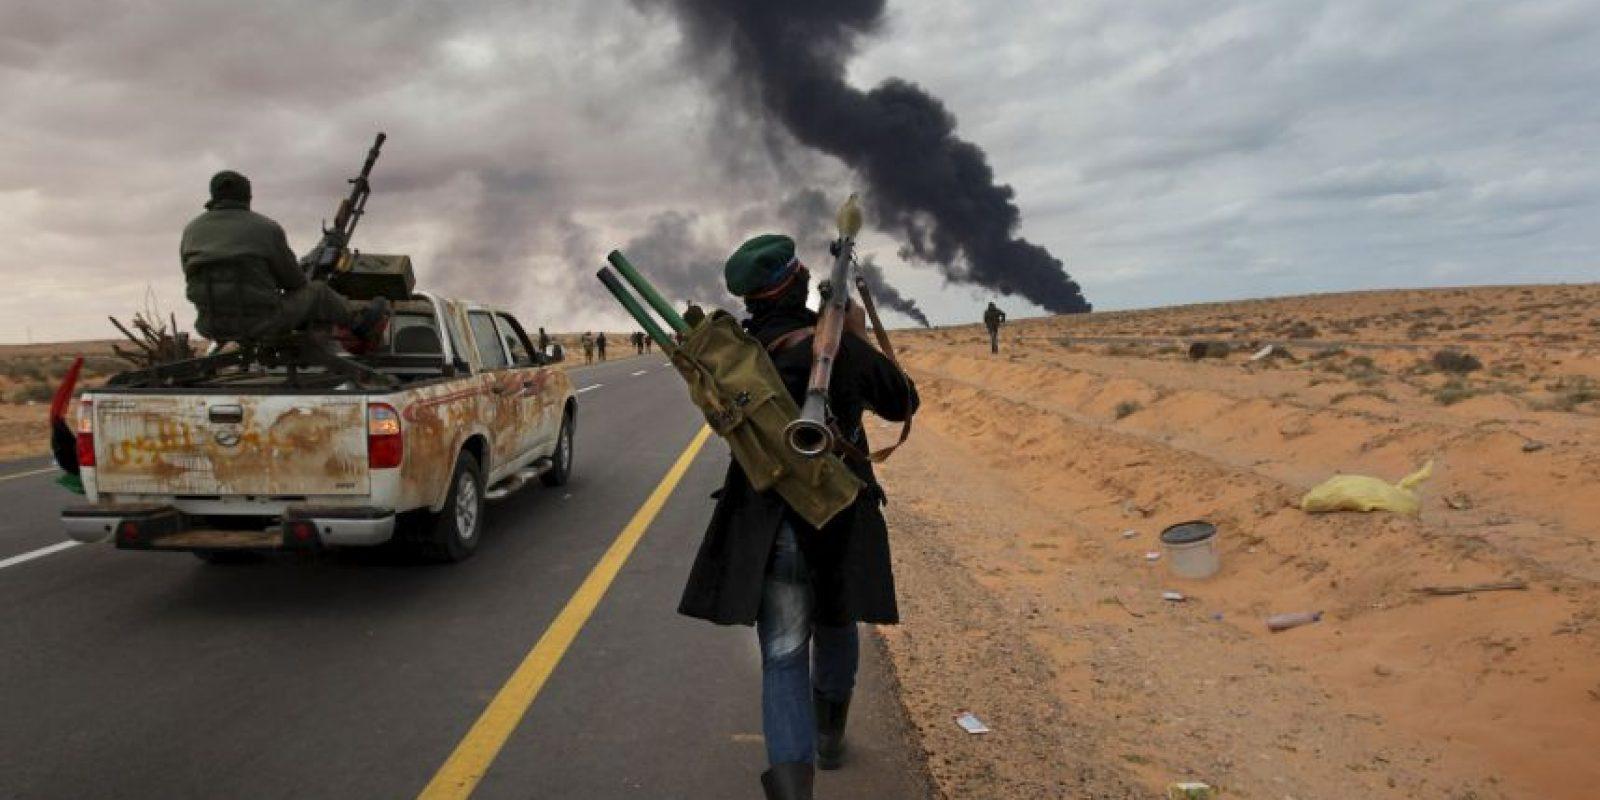 Las autoridades creen que pertenecían al grupo terrorista Boko Haram. Foto:Getty Images